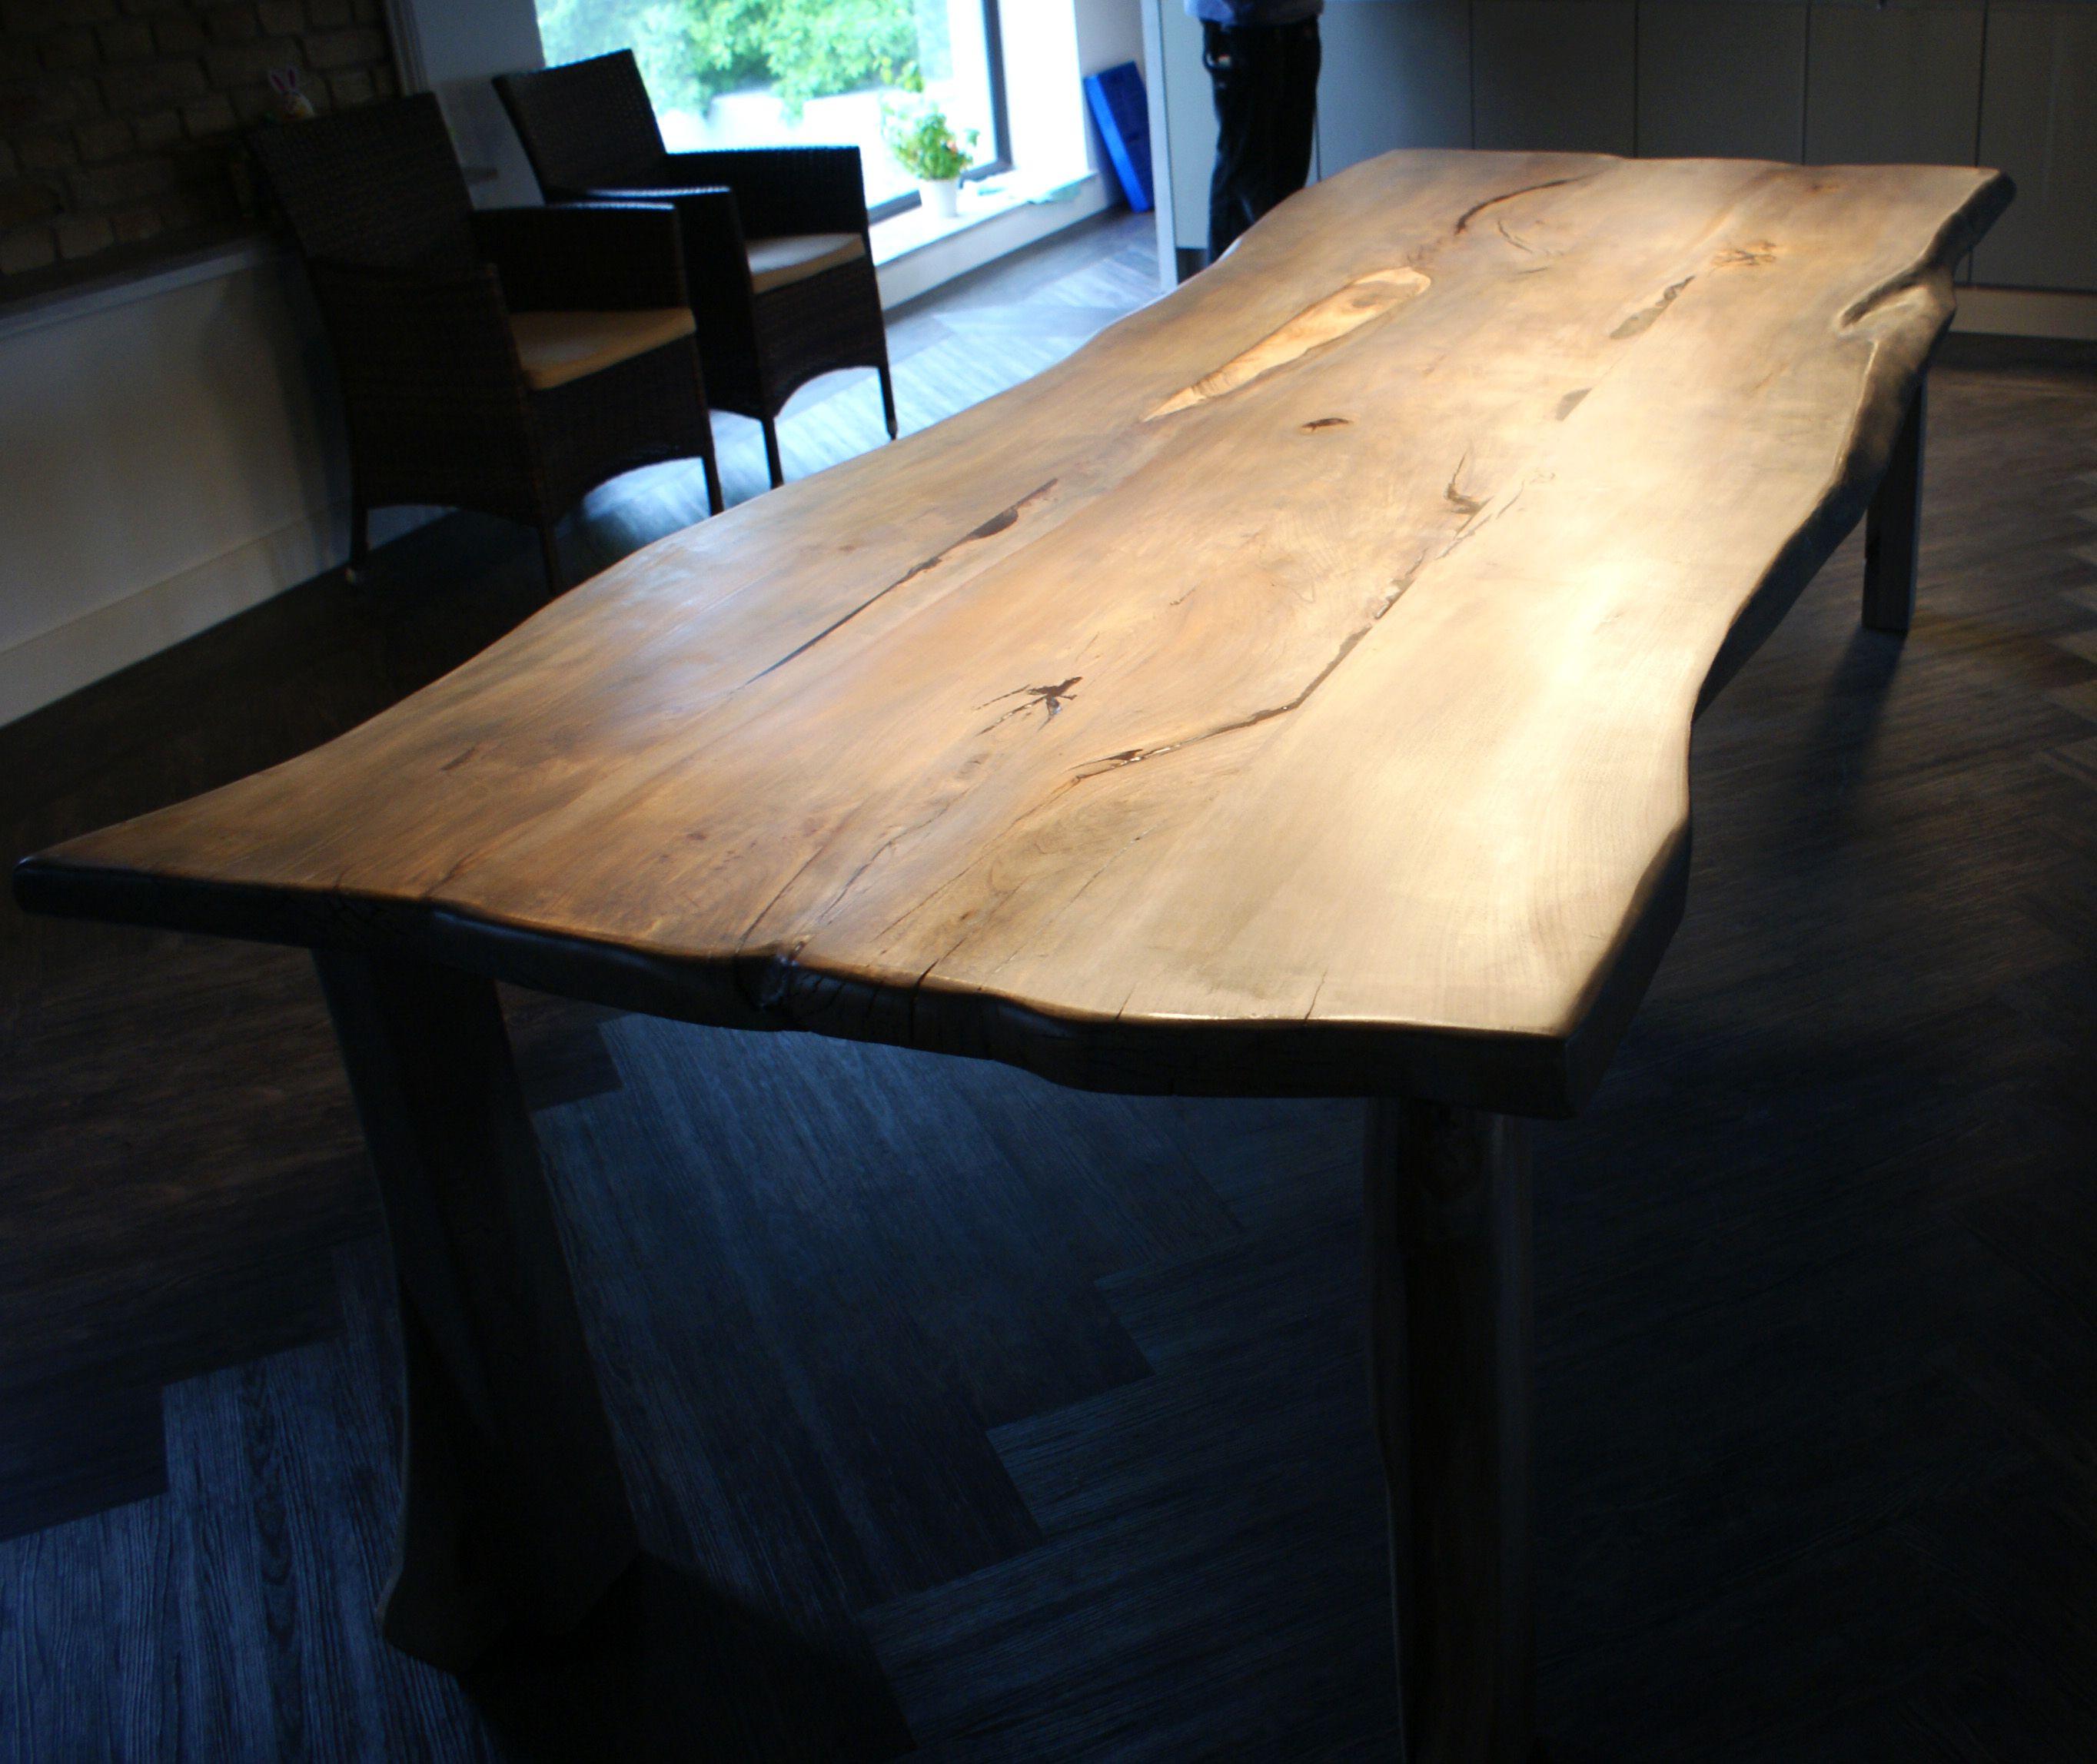 Holztisch rustikal  Schön esstisch holz grau | Einrichten und Wohnen | Pinterest ...